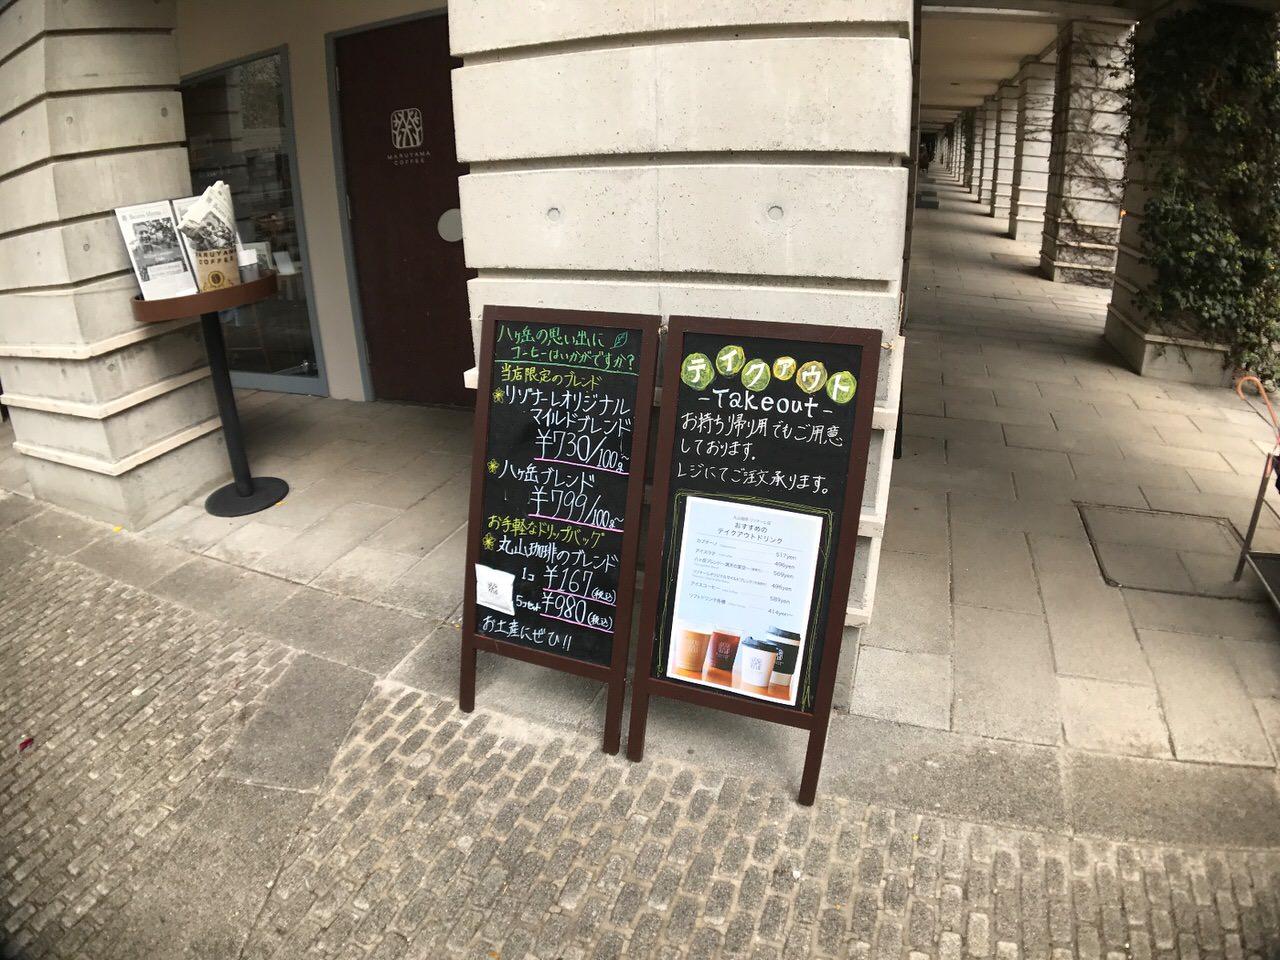 リゾナーレ八ヶ岳の「丸山珈琲」に行ってきた!